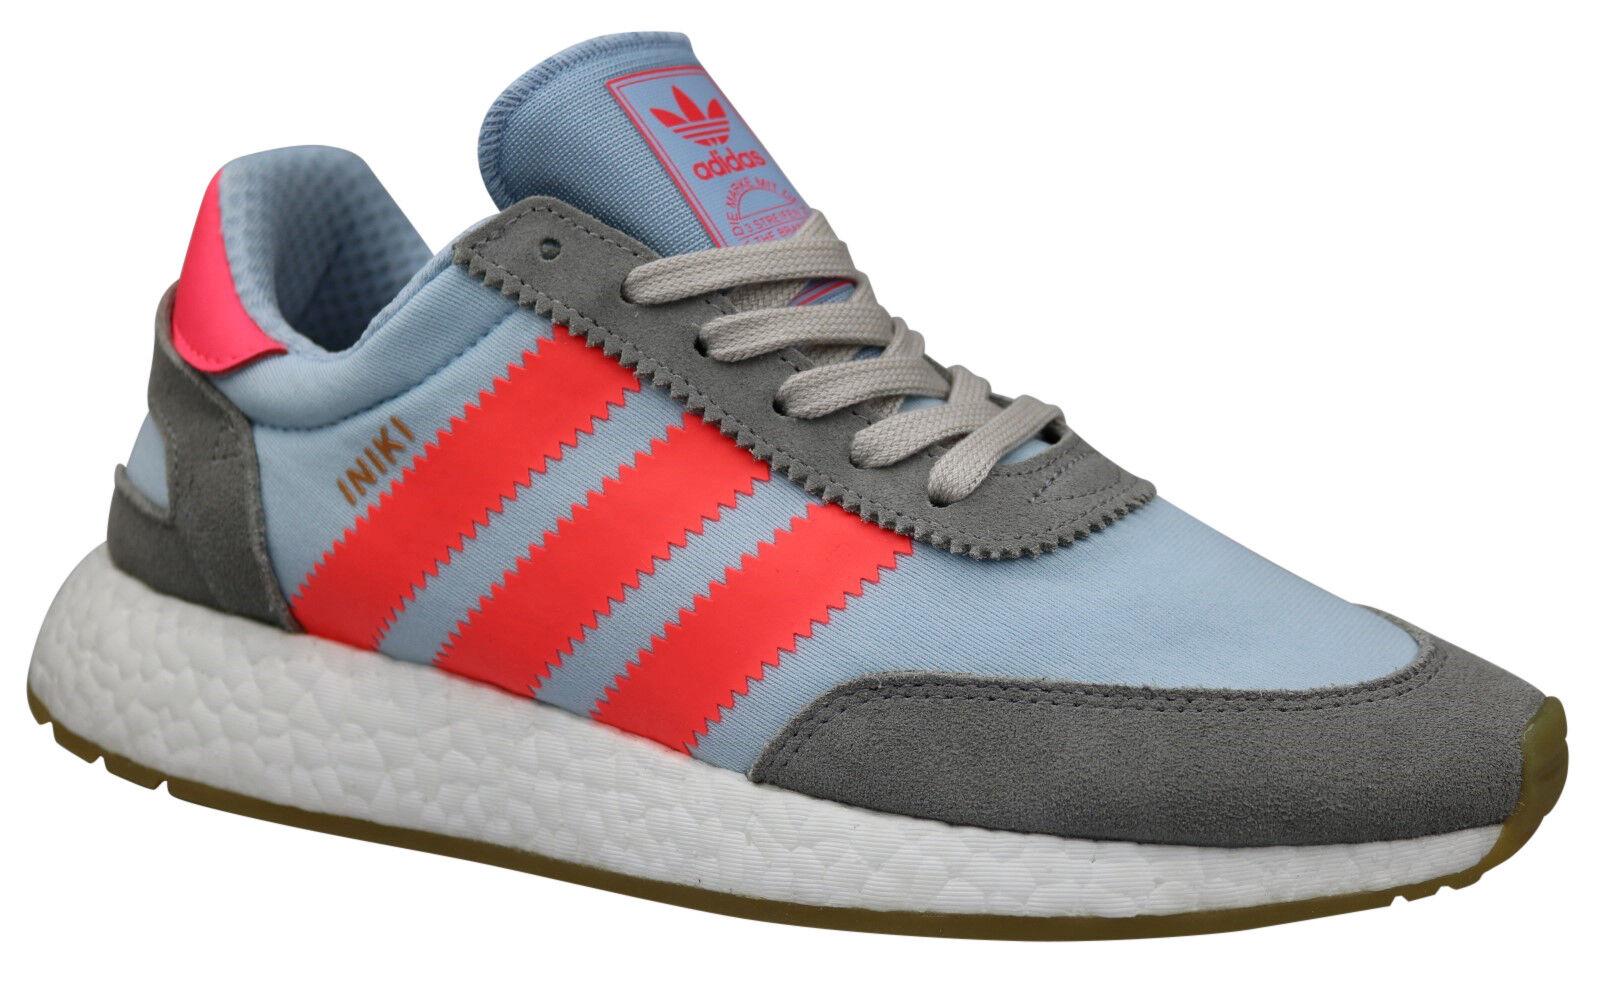 Adidas Originals Iniki Runner Turnschuhe Turnschuhe Turnschuhe Schuhe blau Gr 39 - 45 BB2098 NEU & OVP 7a256d